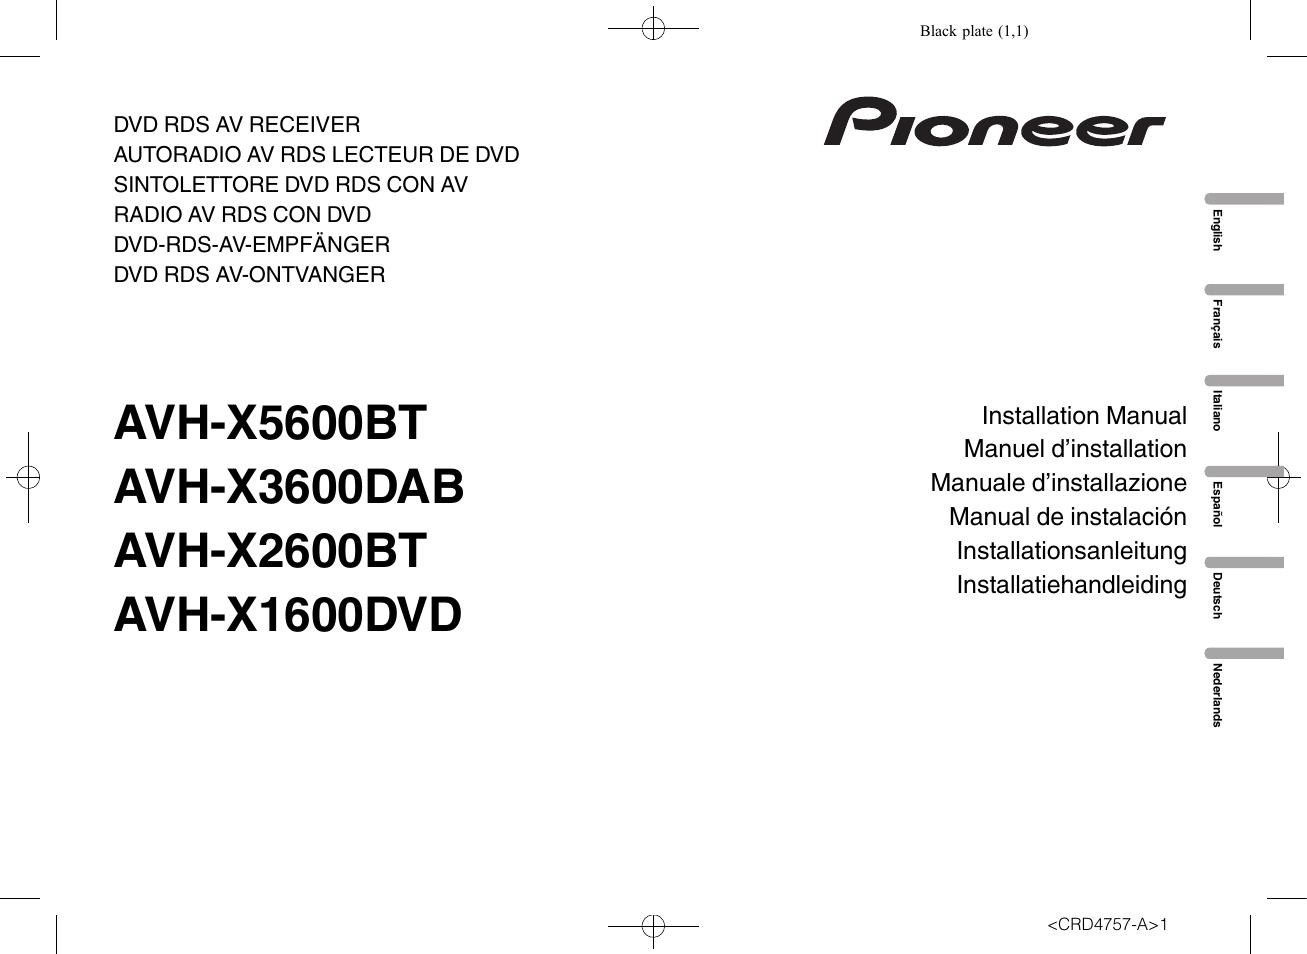 pioneer avh x2600bt wiring diagram - diagram stream pioneer avh x2600bt wiring diagram  diagram stream